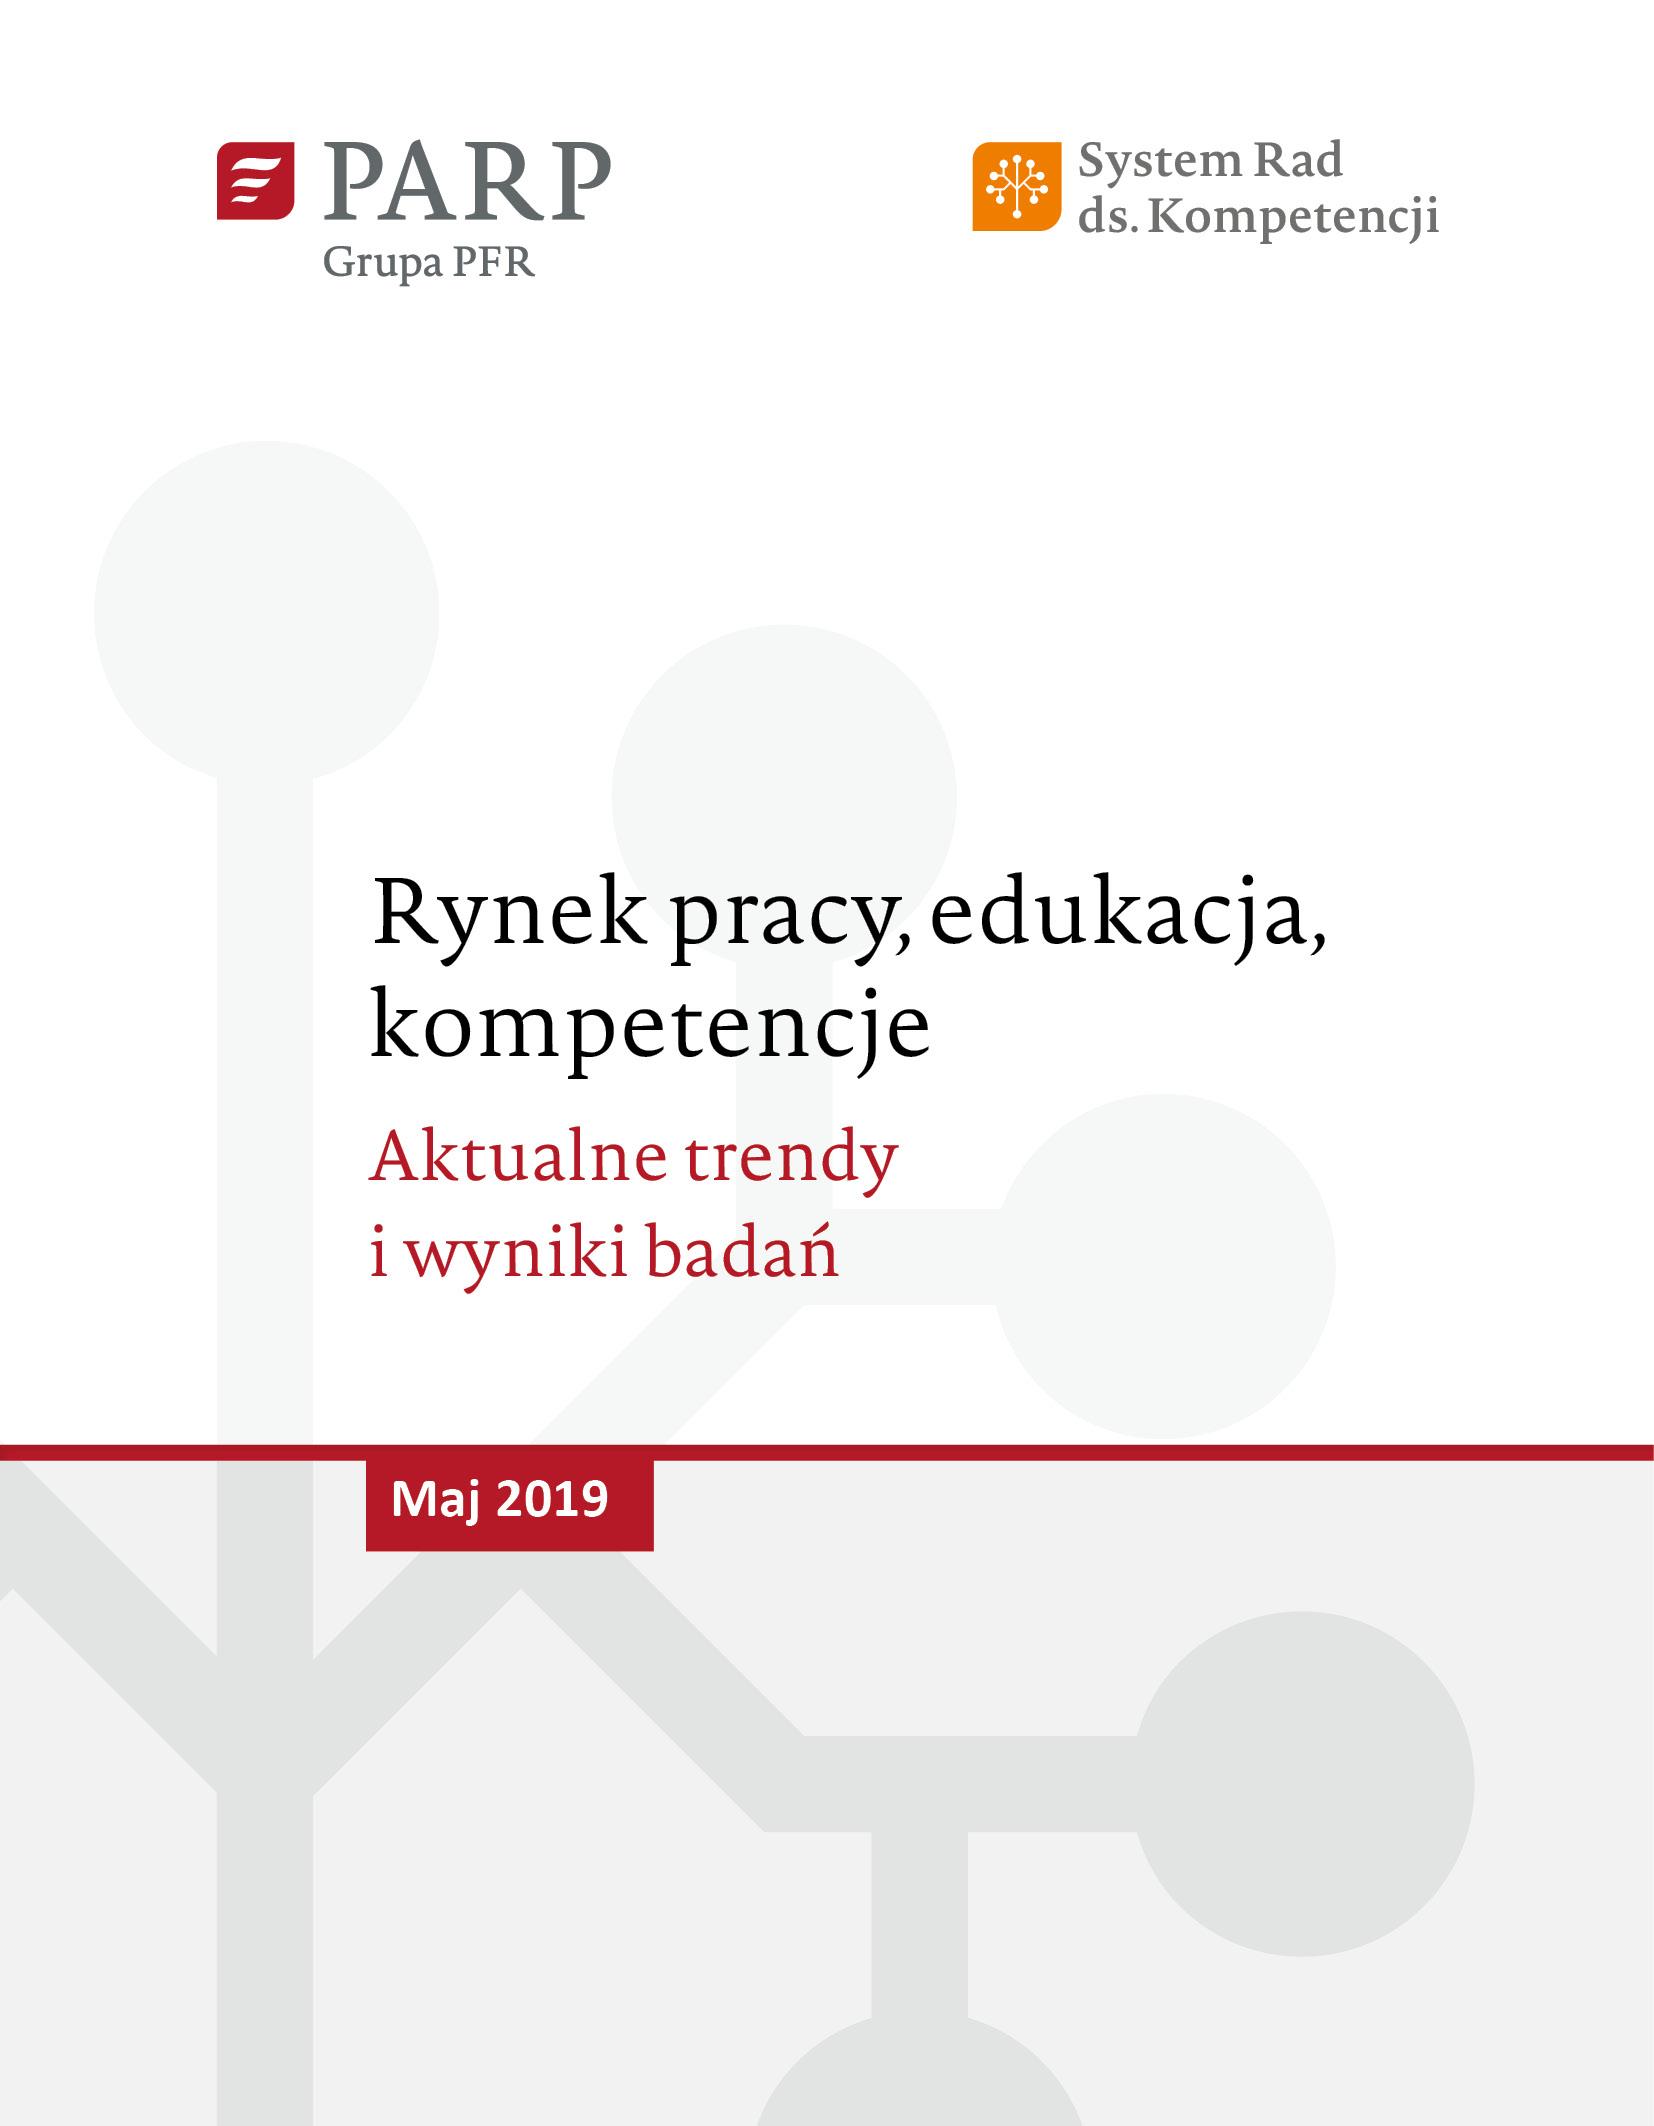 Rynek pracy, edukacja, kompetencje - maj 2019